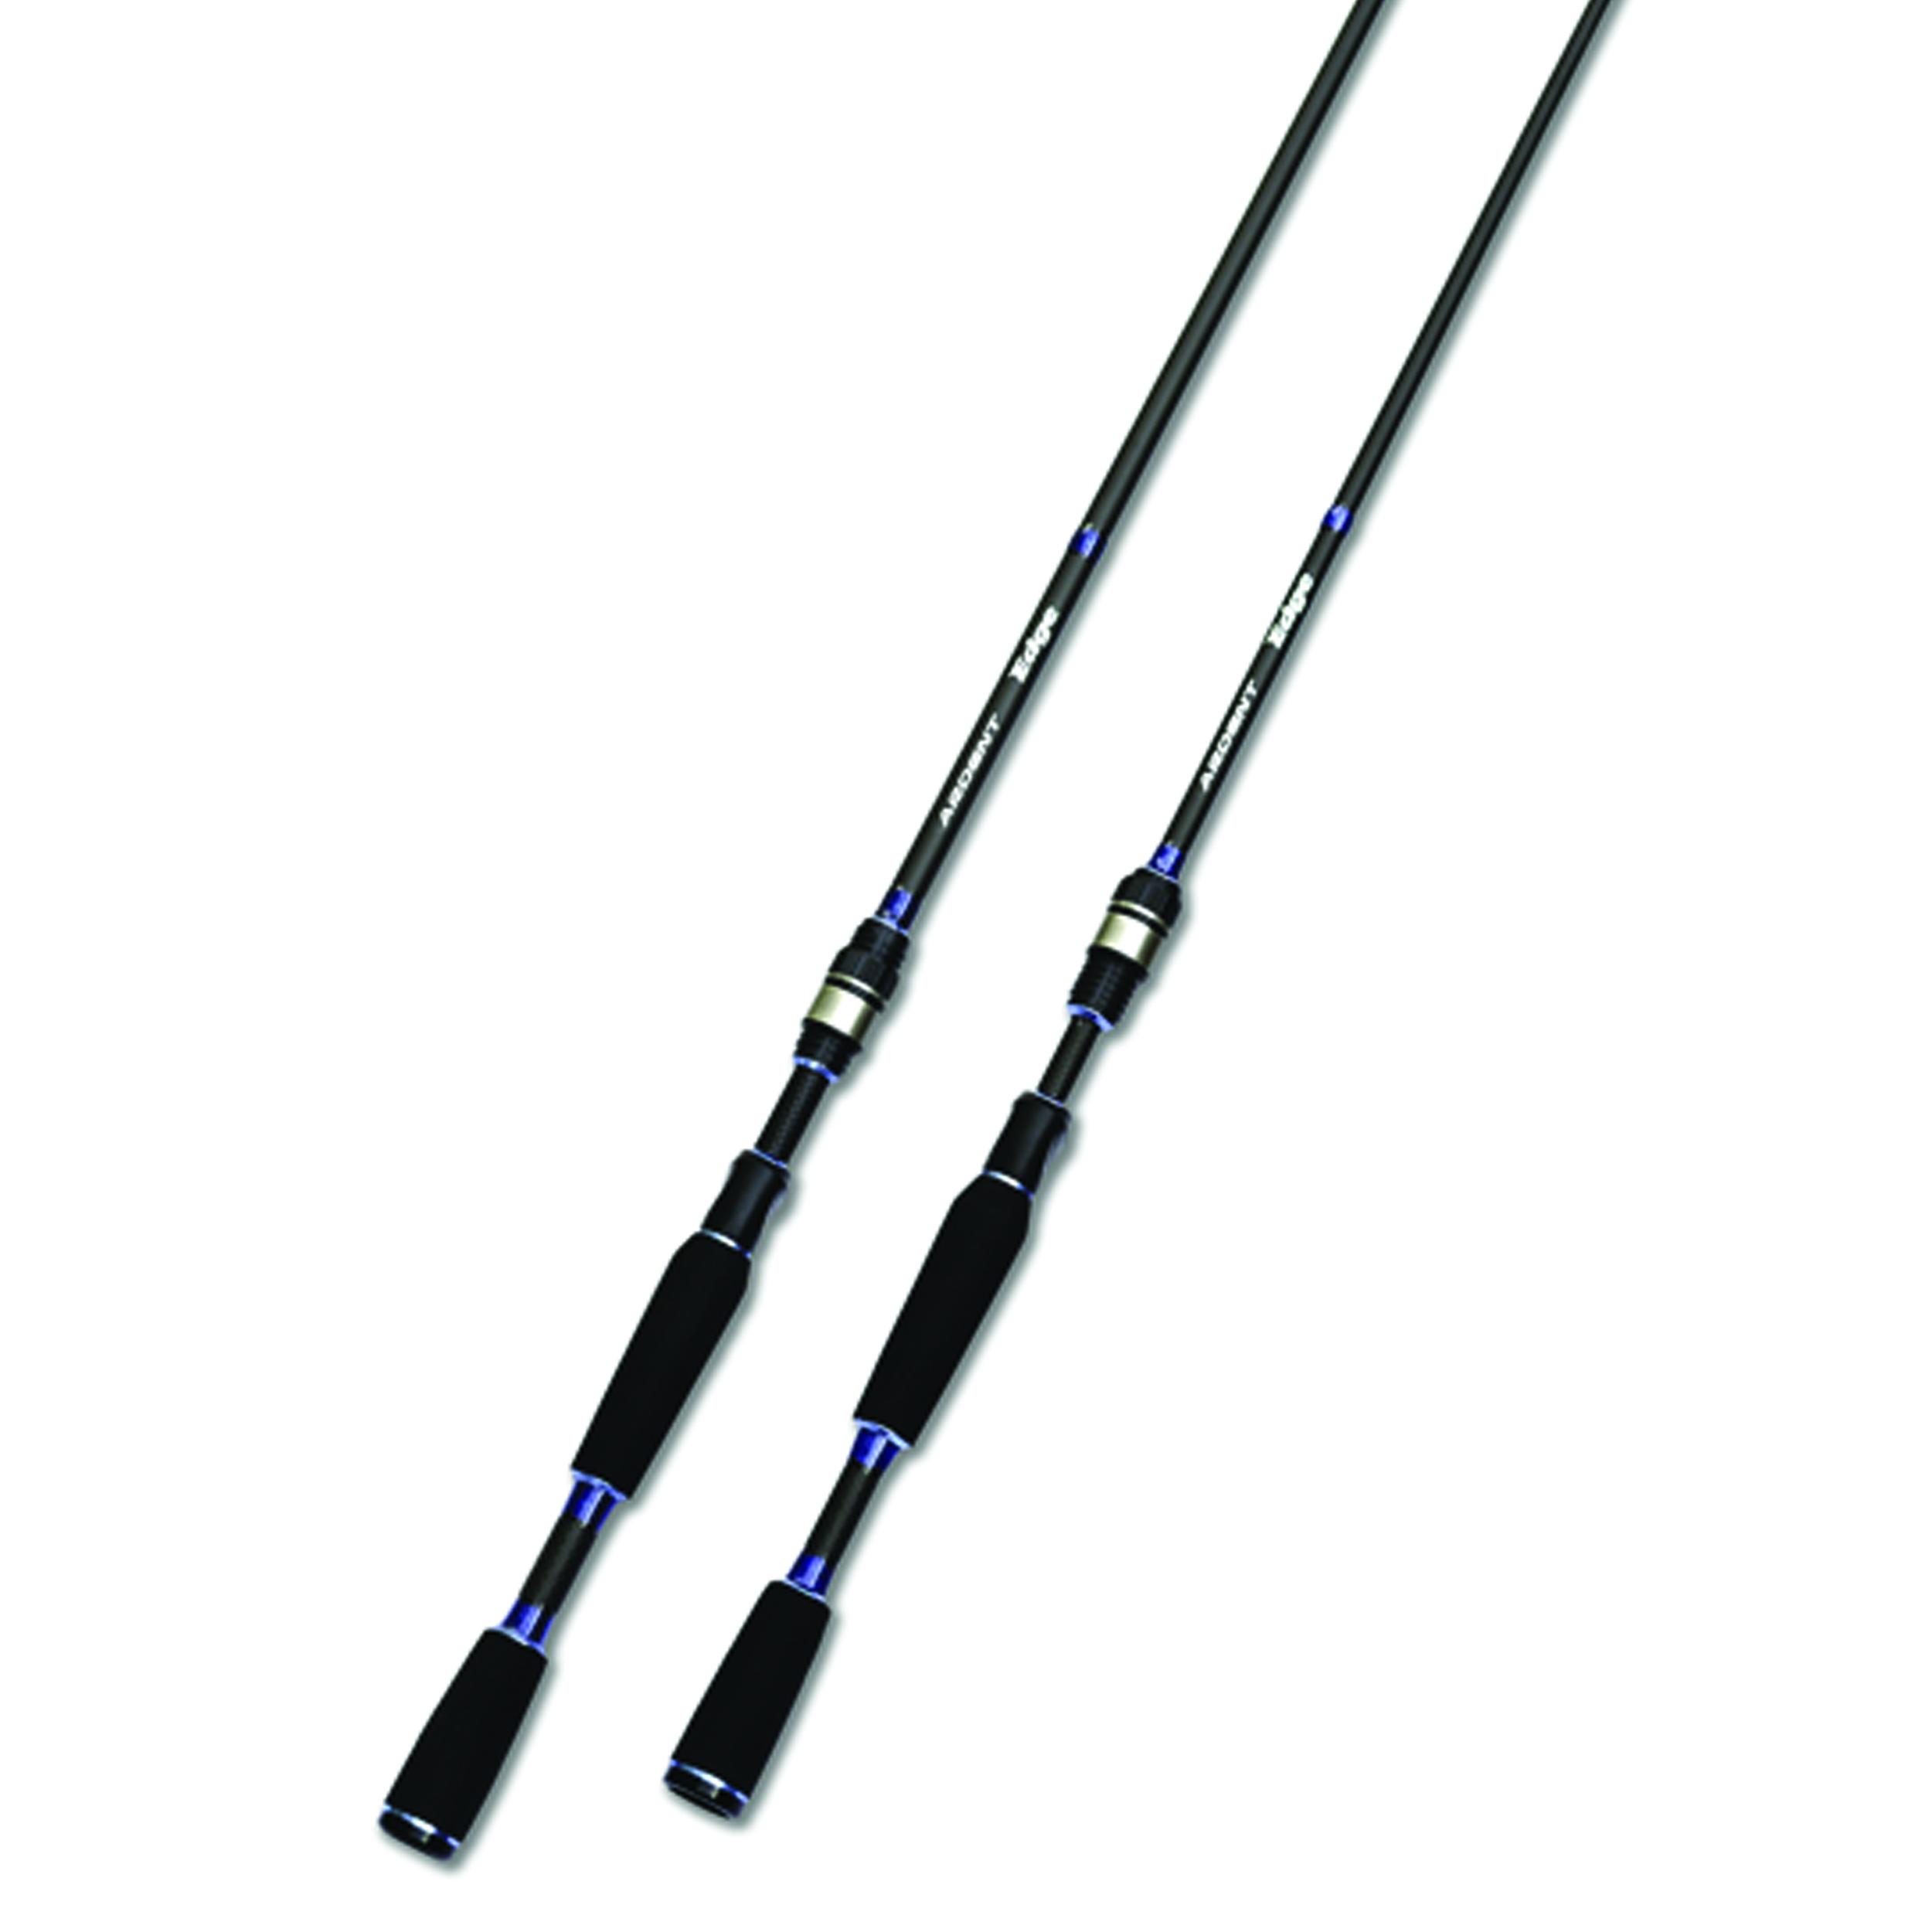 Ardent Edge Spinning Rod 5ft 6in Light